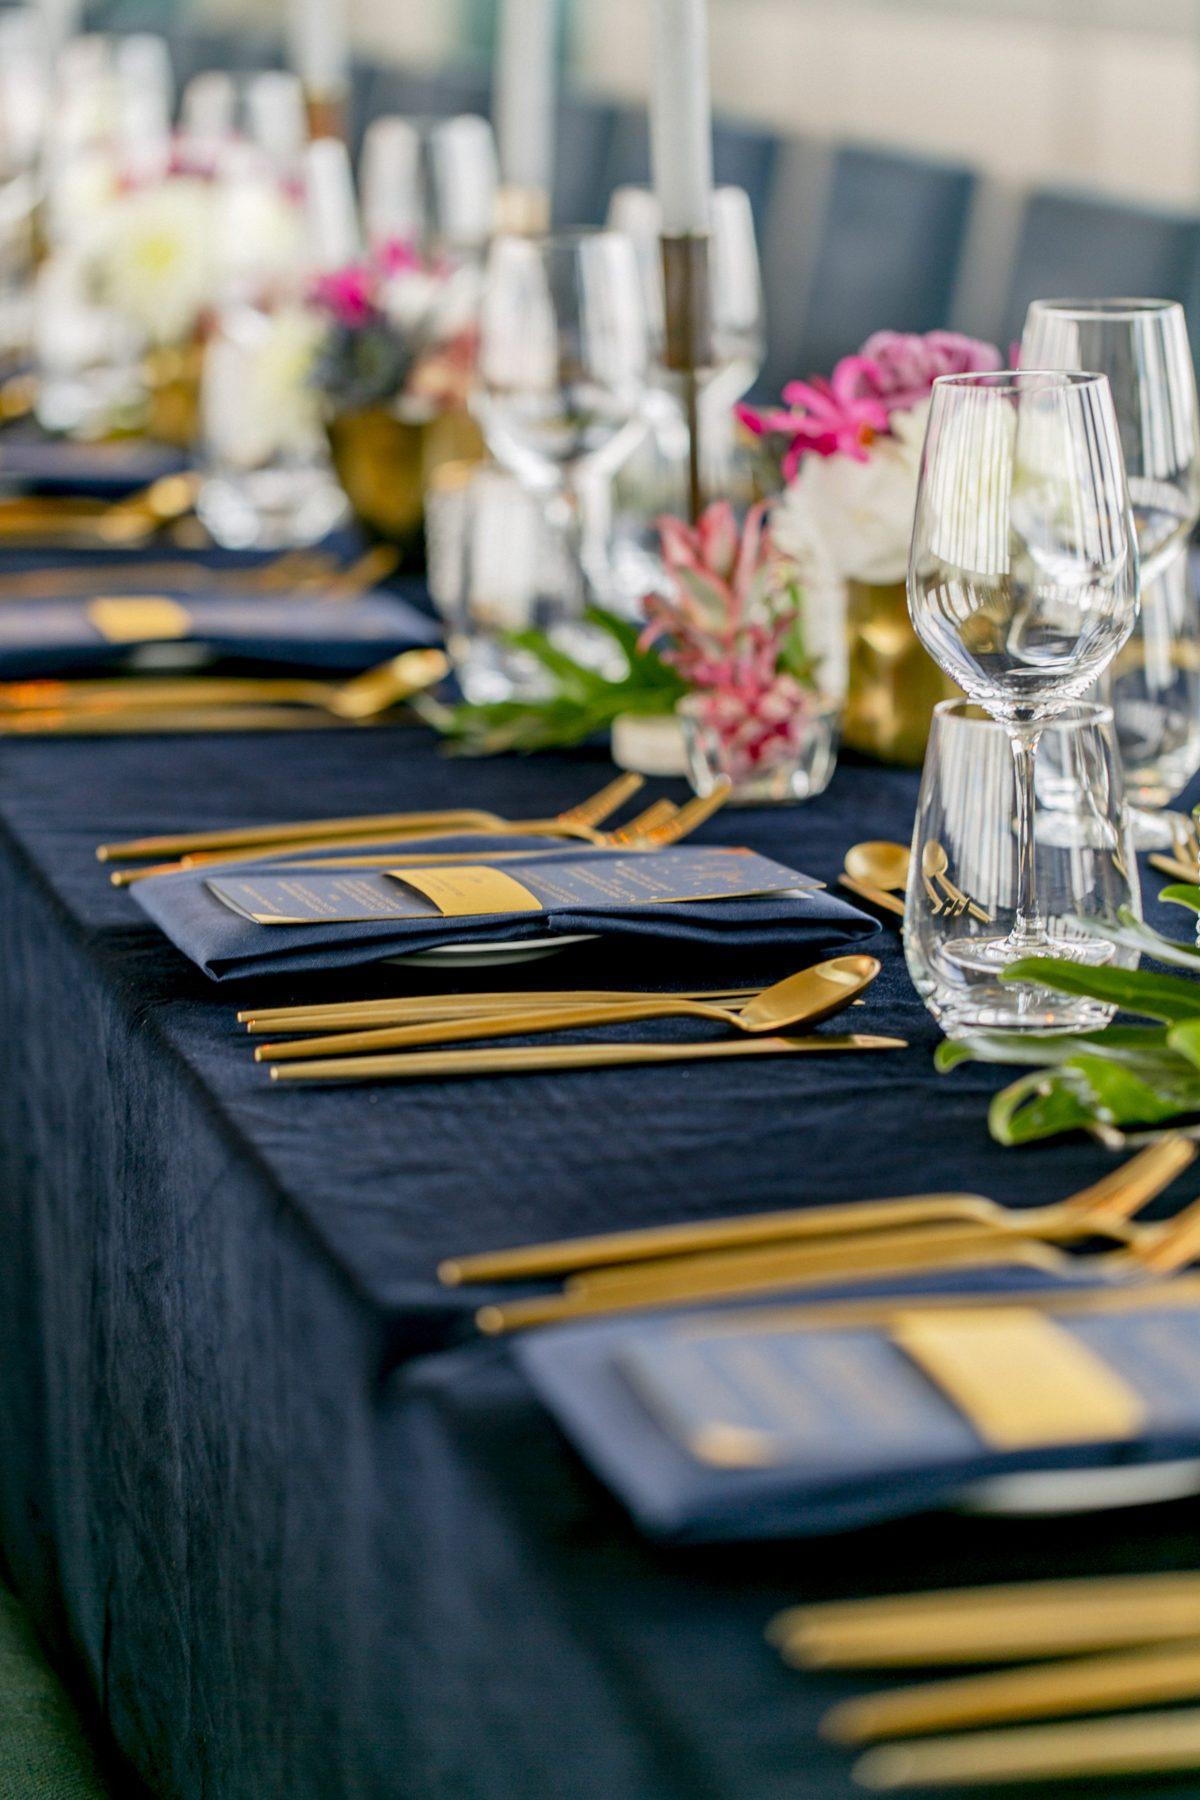 Eingedeckter Tisch mit dunkelblauer Tischdecke und goldenem Besteck